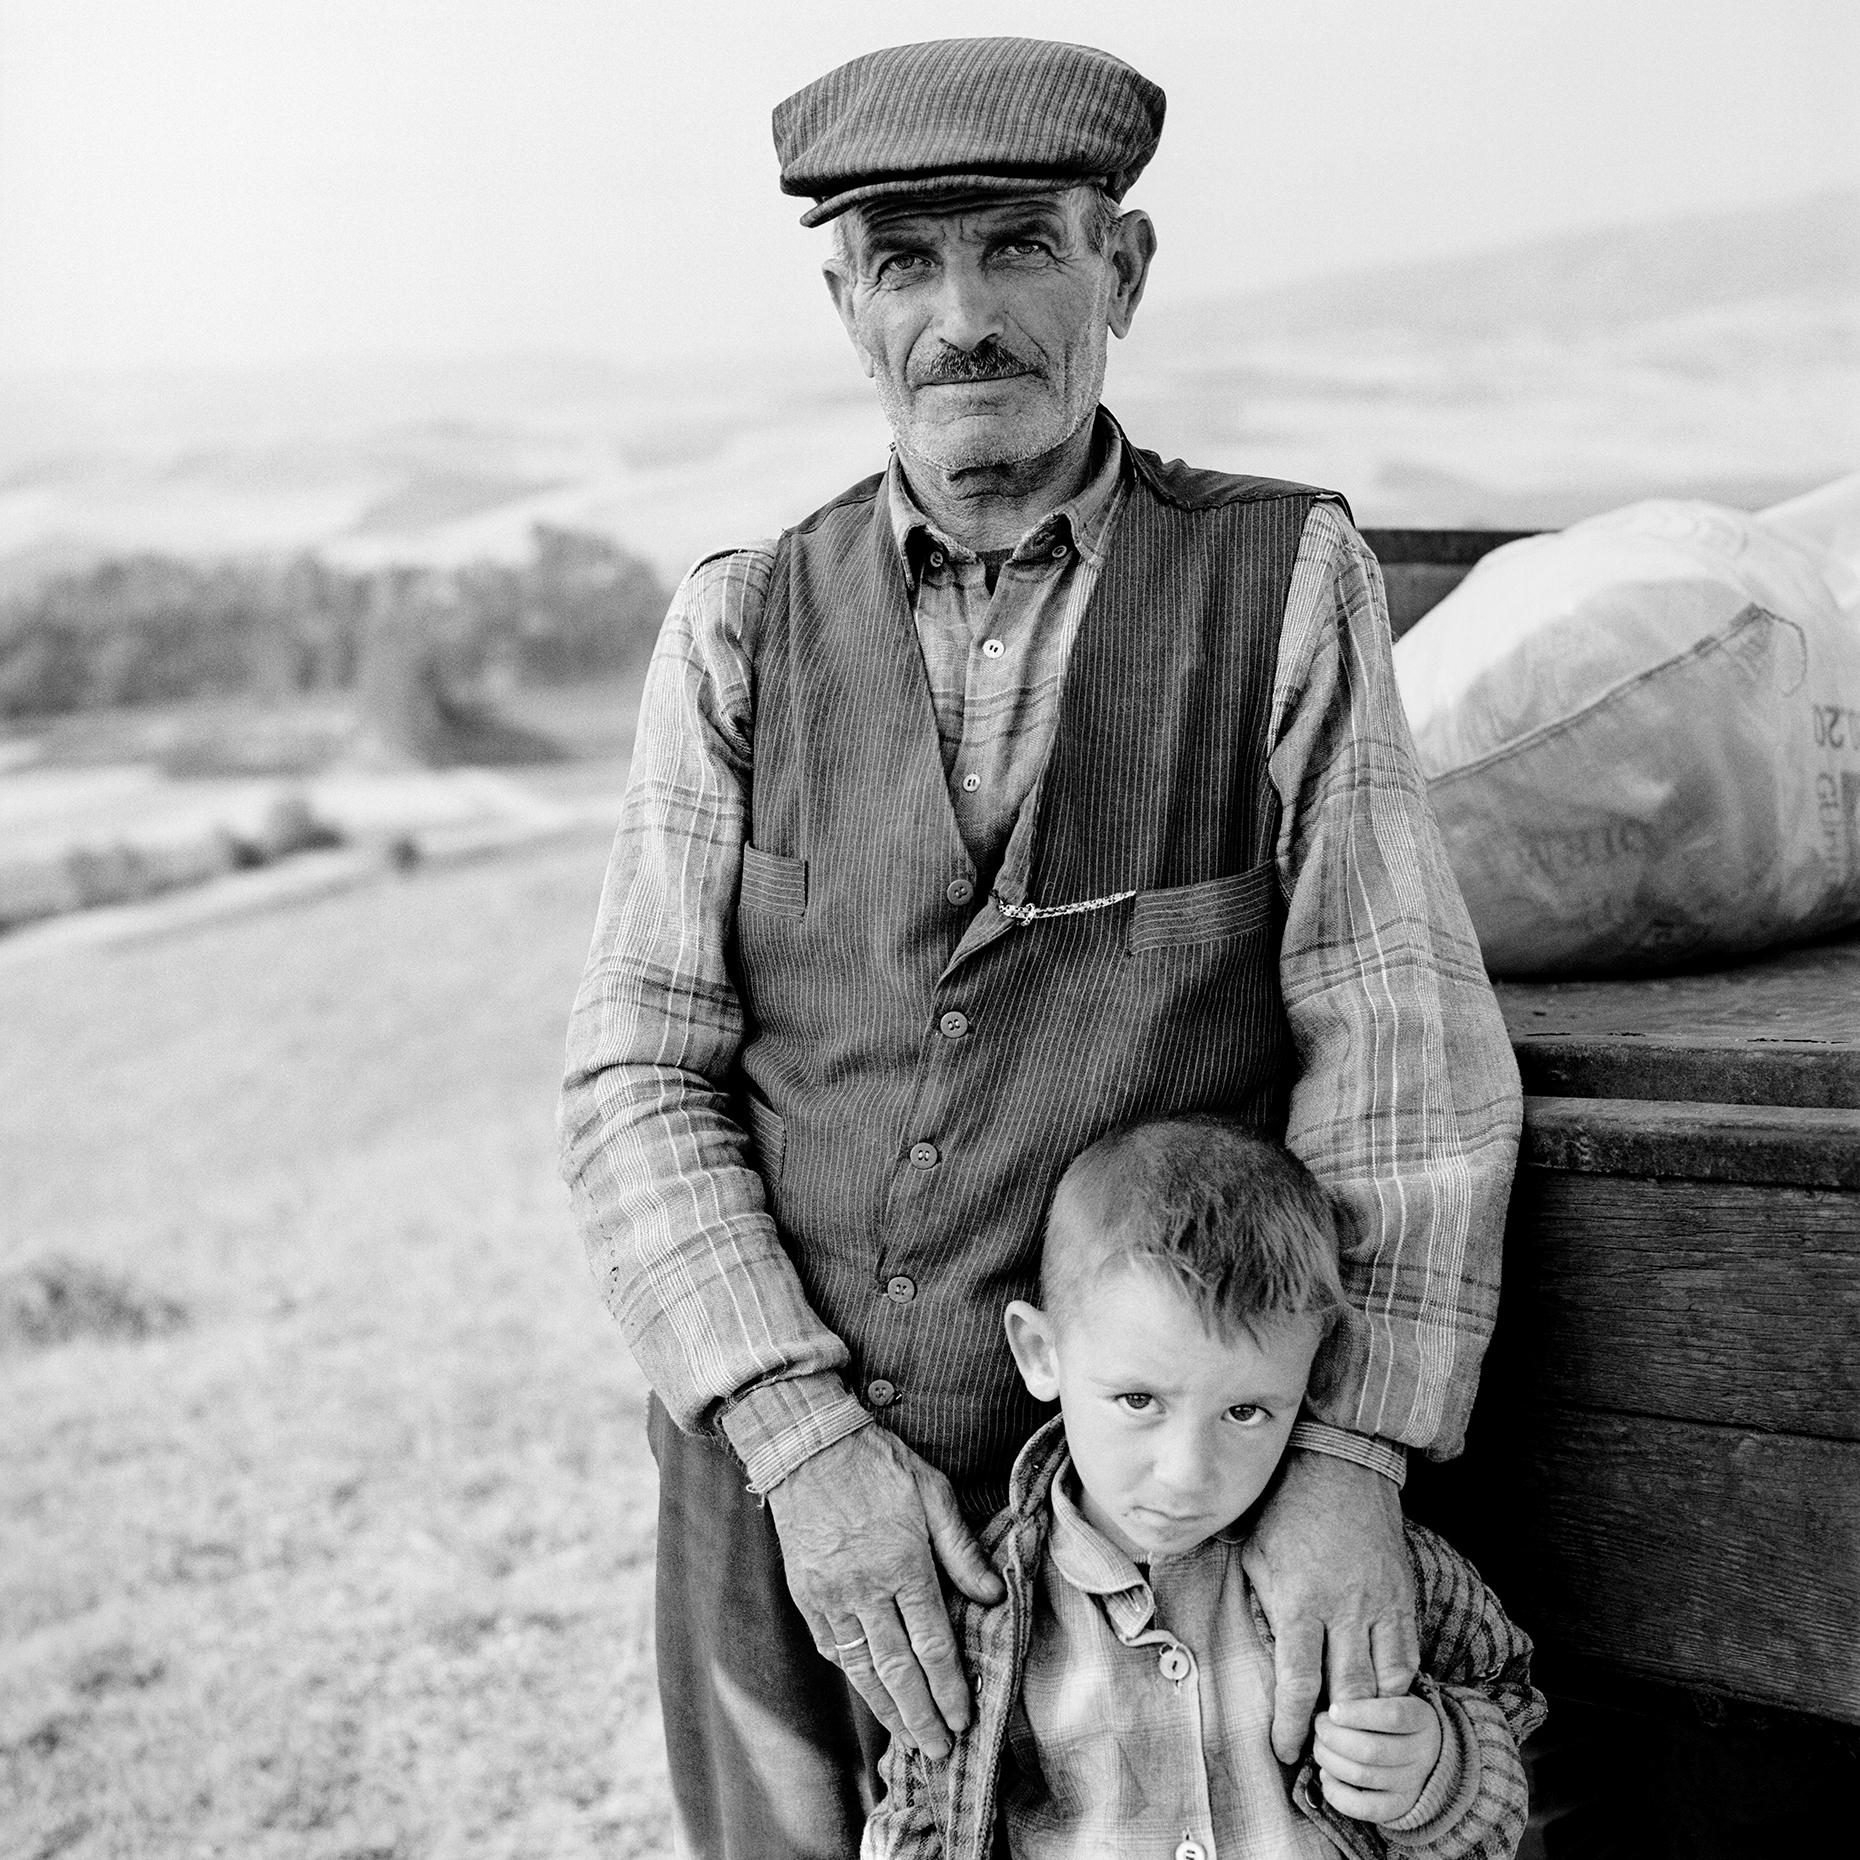 farmer_W_child.jpg